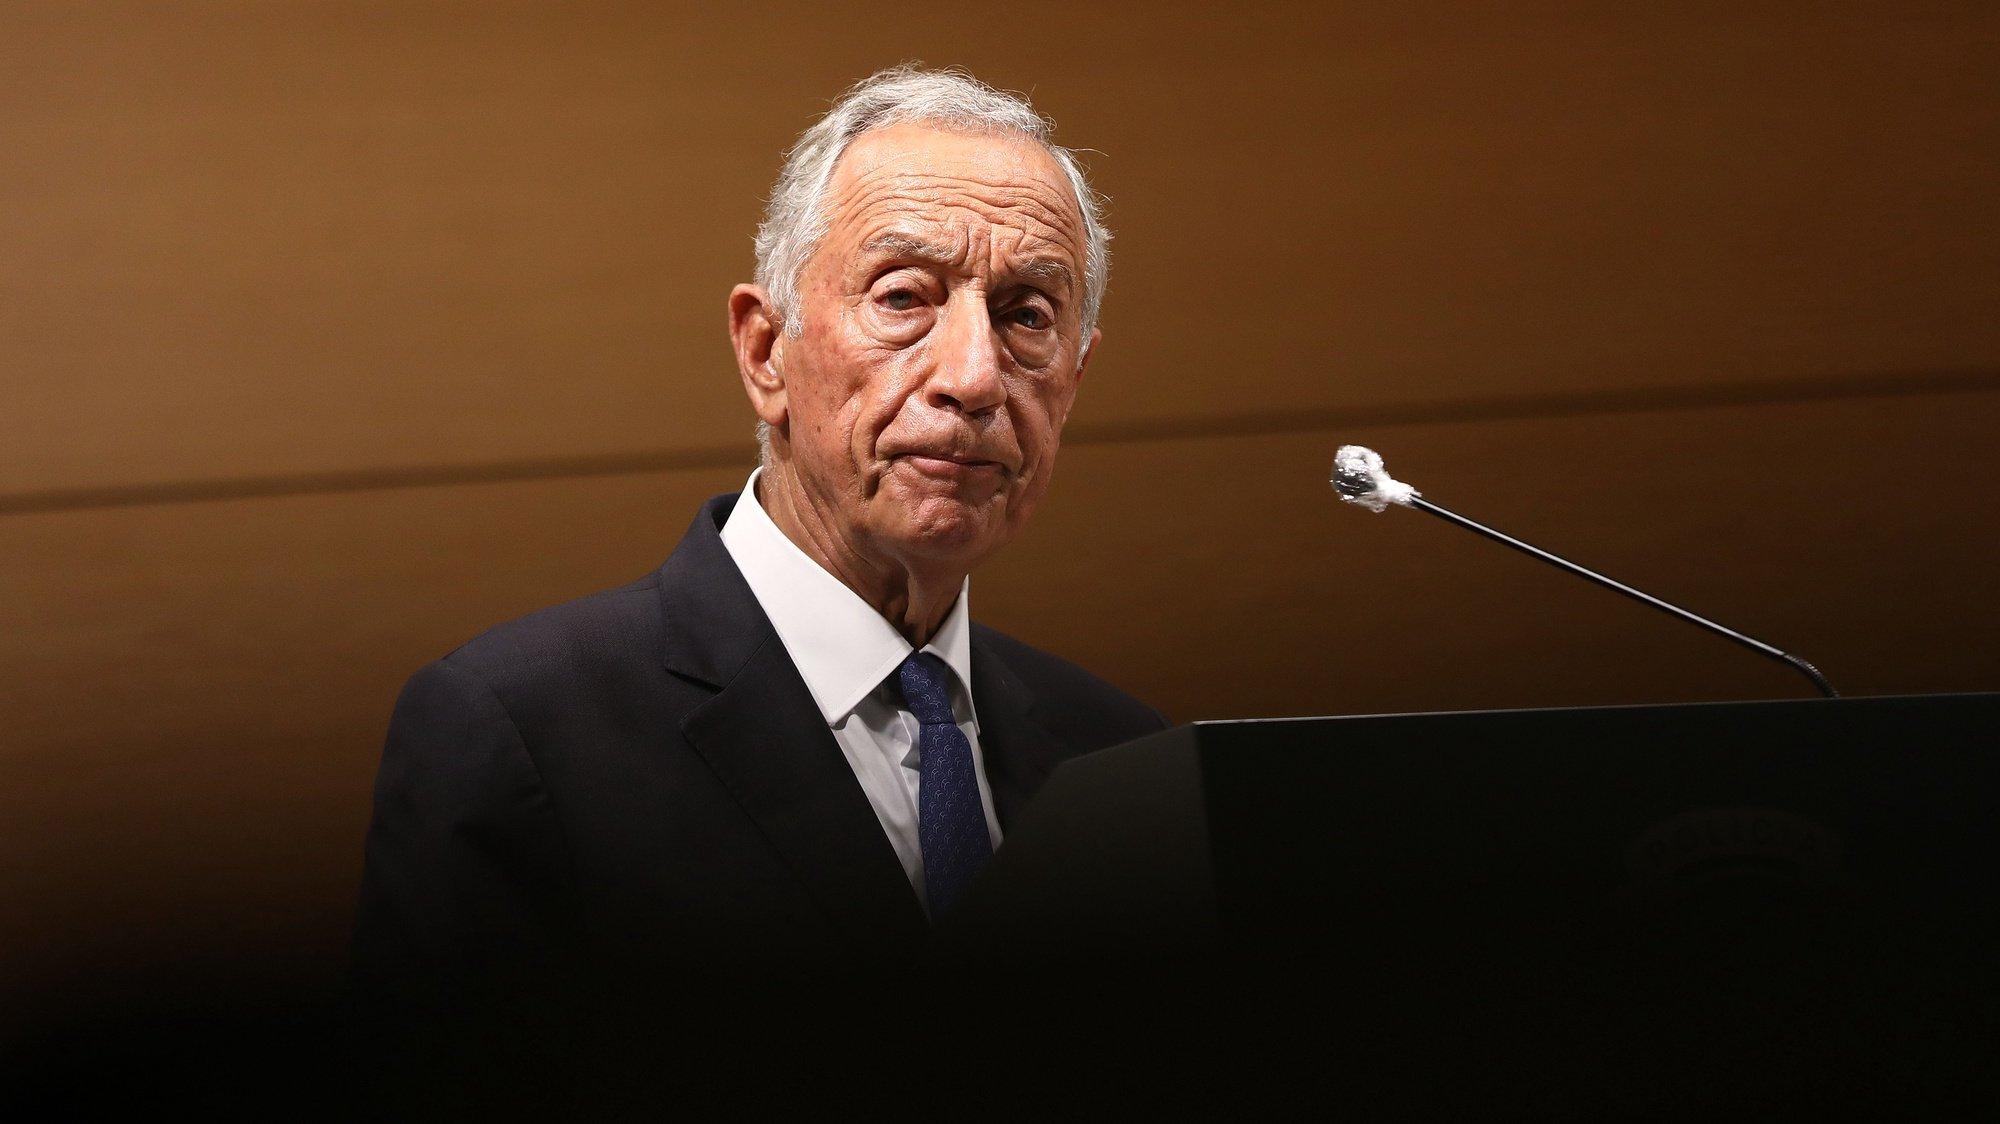 O Presidente da República, Marcelo Rebelo de Sousa, intervém durante a sessão solene comemorativa do 75.º aniversario da Polícia Judiciária, no edifício Sede, em Lisboa, 20 de outubro de 2020. ANTÓNIO PEDRO SANTOS/LUSA